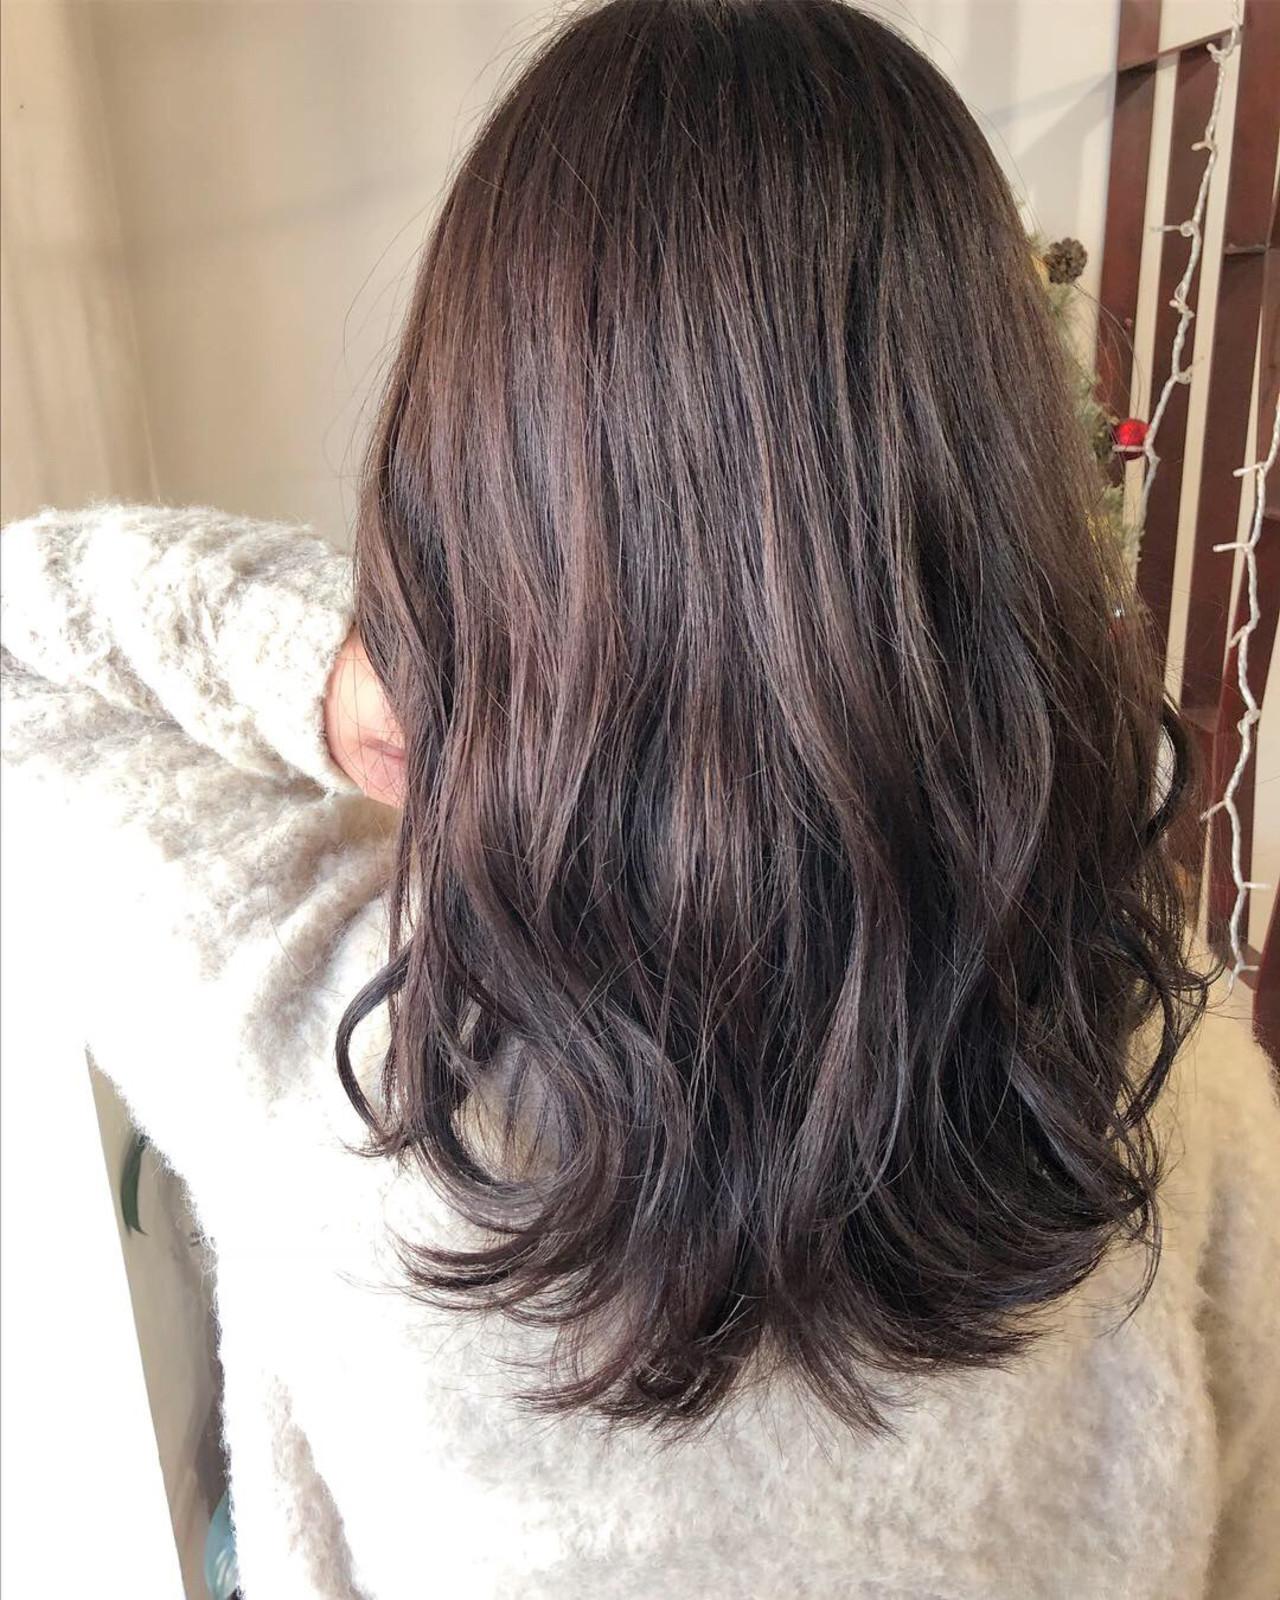 セミロング 女子力 デート 前髪あり ヘアスタイルや髪型の写真・画像 | L'atelier Content / L'atelier Content